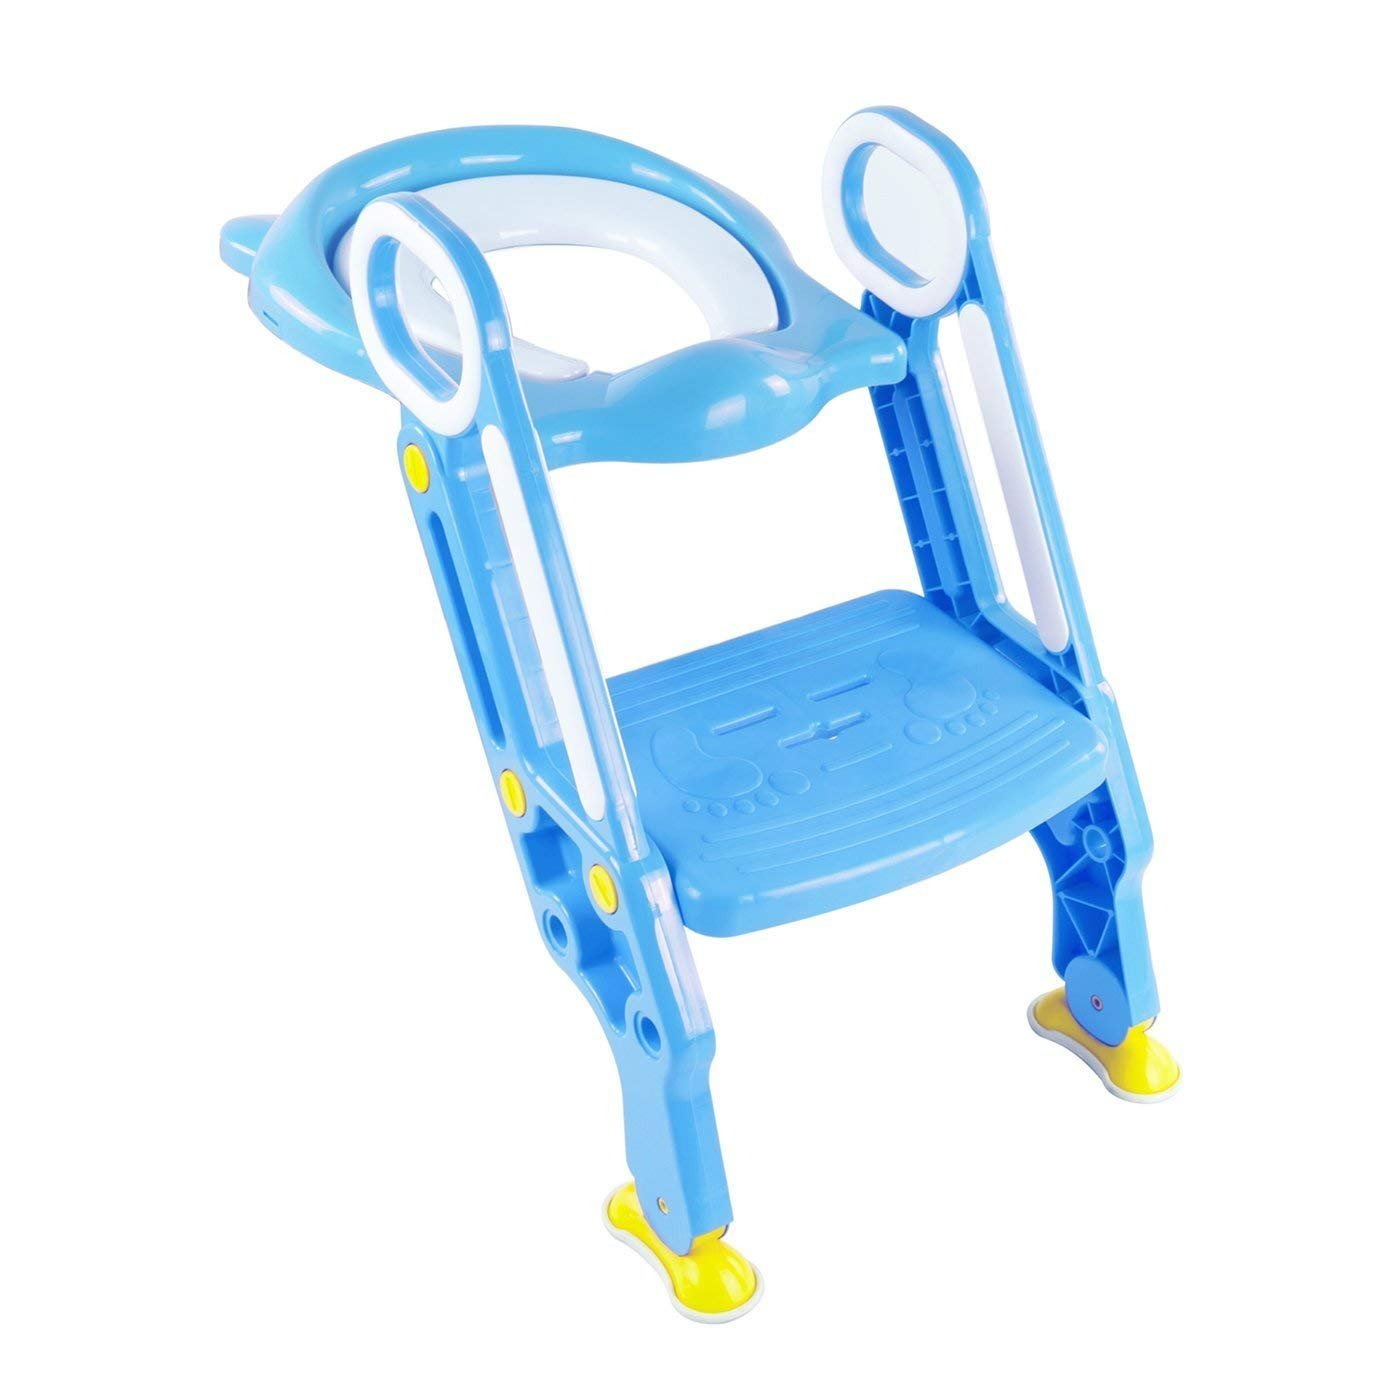 SQ PRO azul Teddie Baby formación escalera orinal Asiento para inodoro con pasos SQ Professional Pro Blue